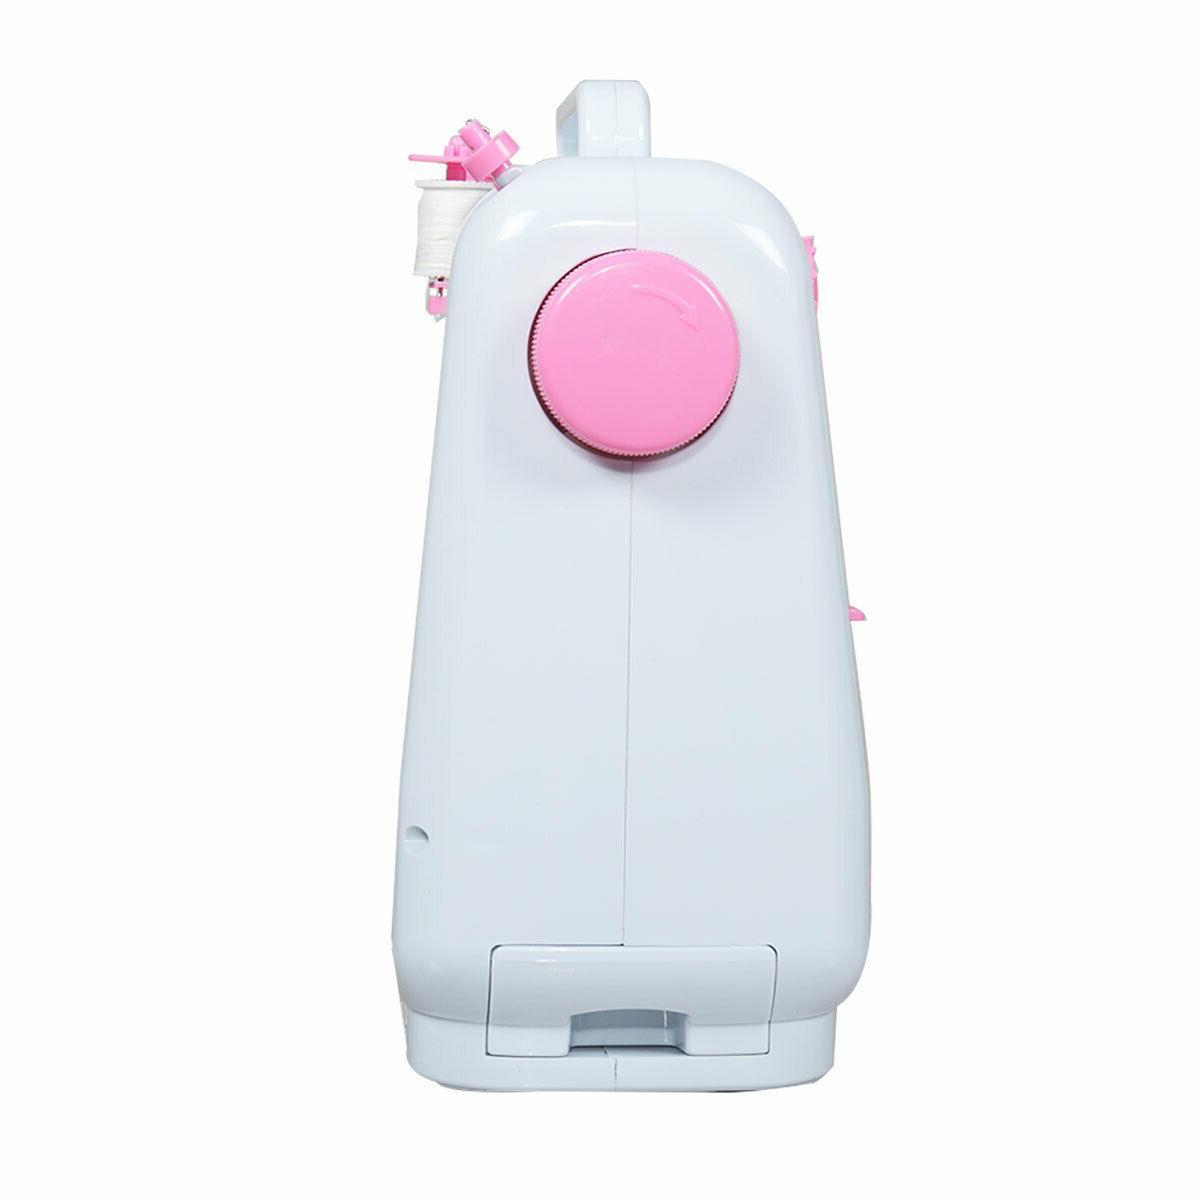 Portable Mini Household Desktop Sewing Machine w/Pedal